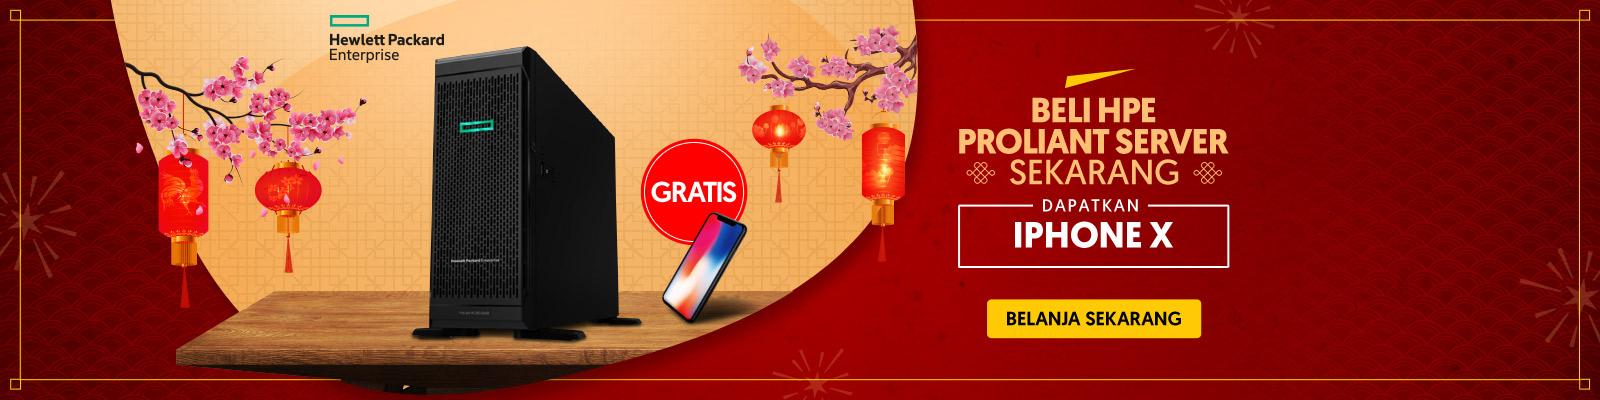 HPE Proliant Server